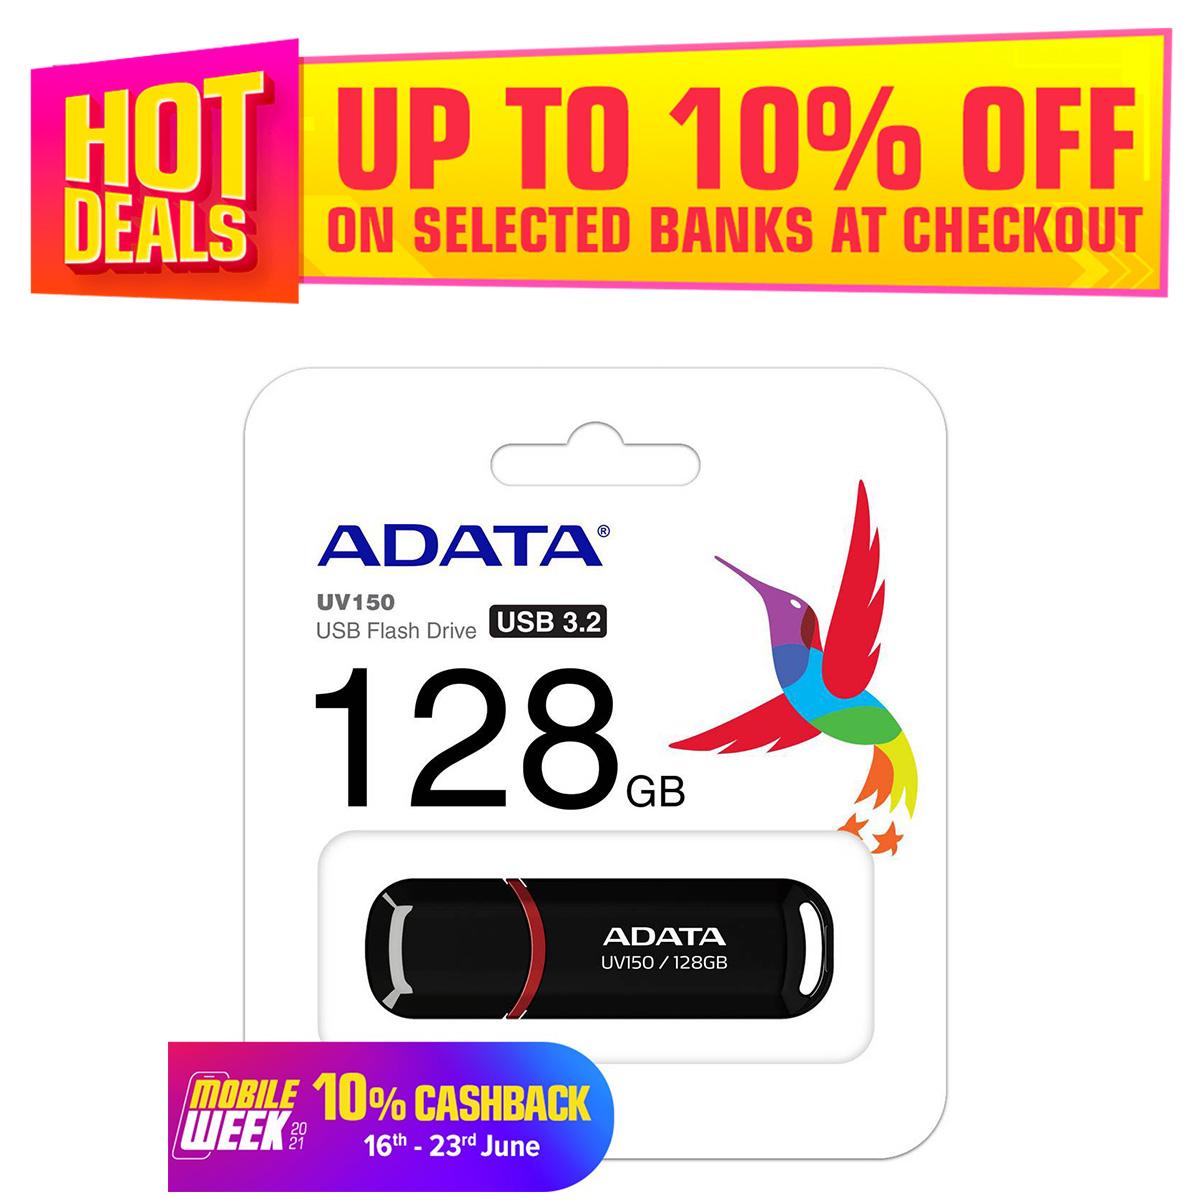 Adata 128GB UV150 USB 3.2 Gen 1 Flash Drive - Black & Red